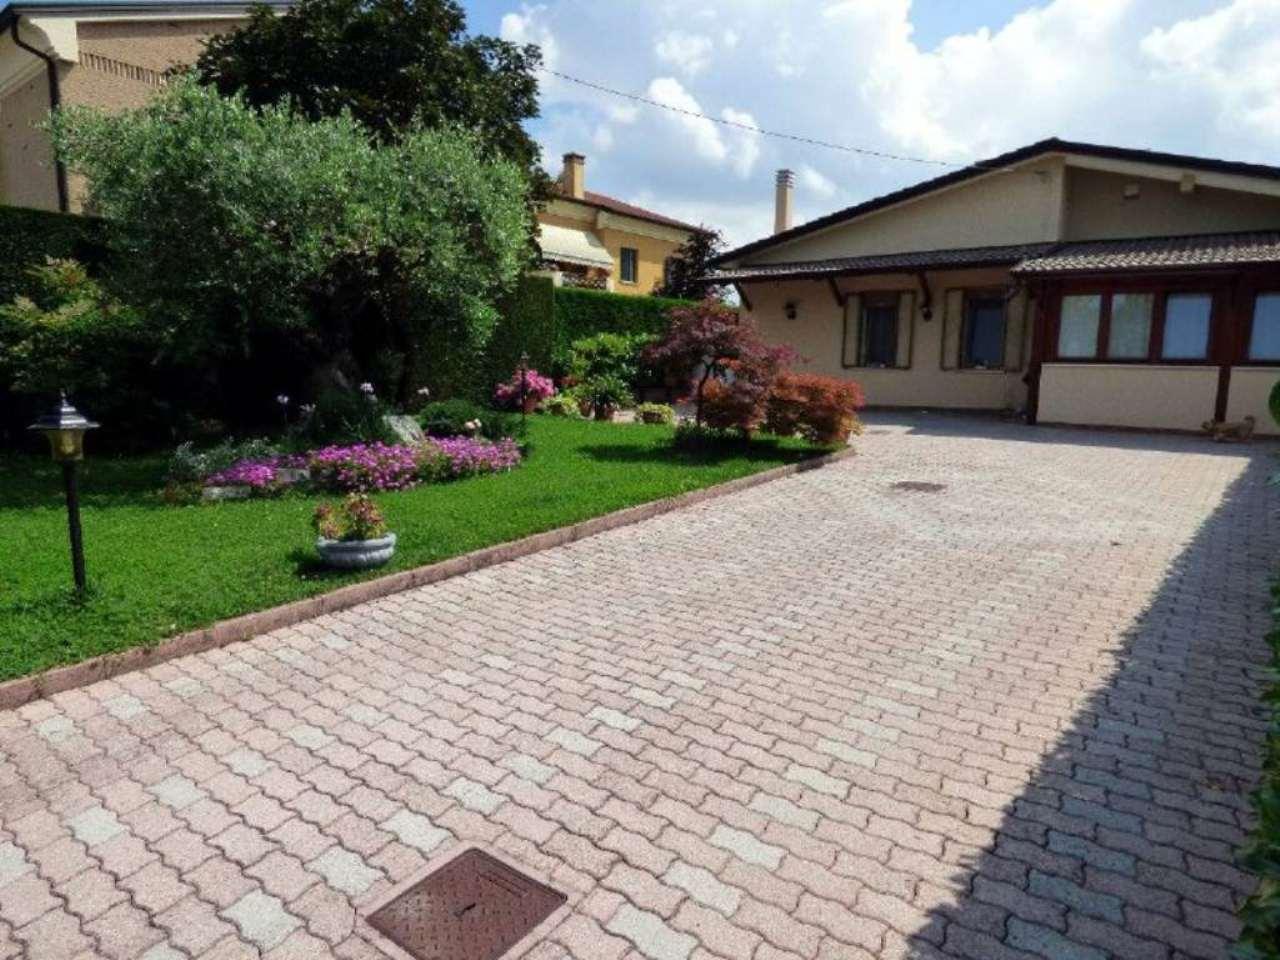 Soluzione Indipendente in vendita a Brugine, 6 locali, prezzo € 180.000 | Cambio Casa.it